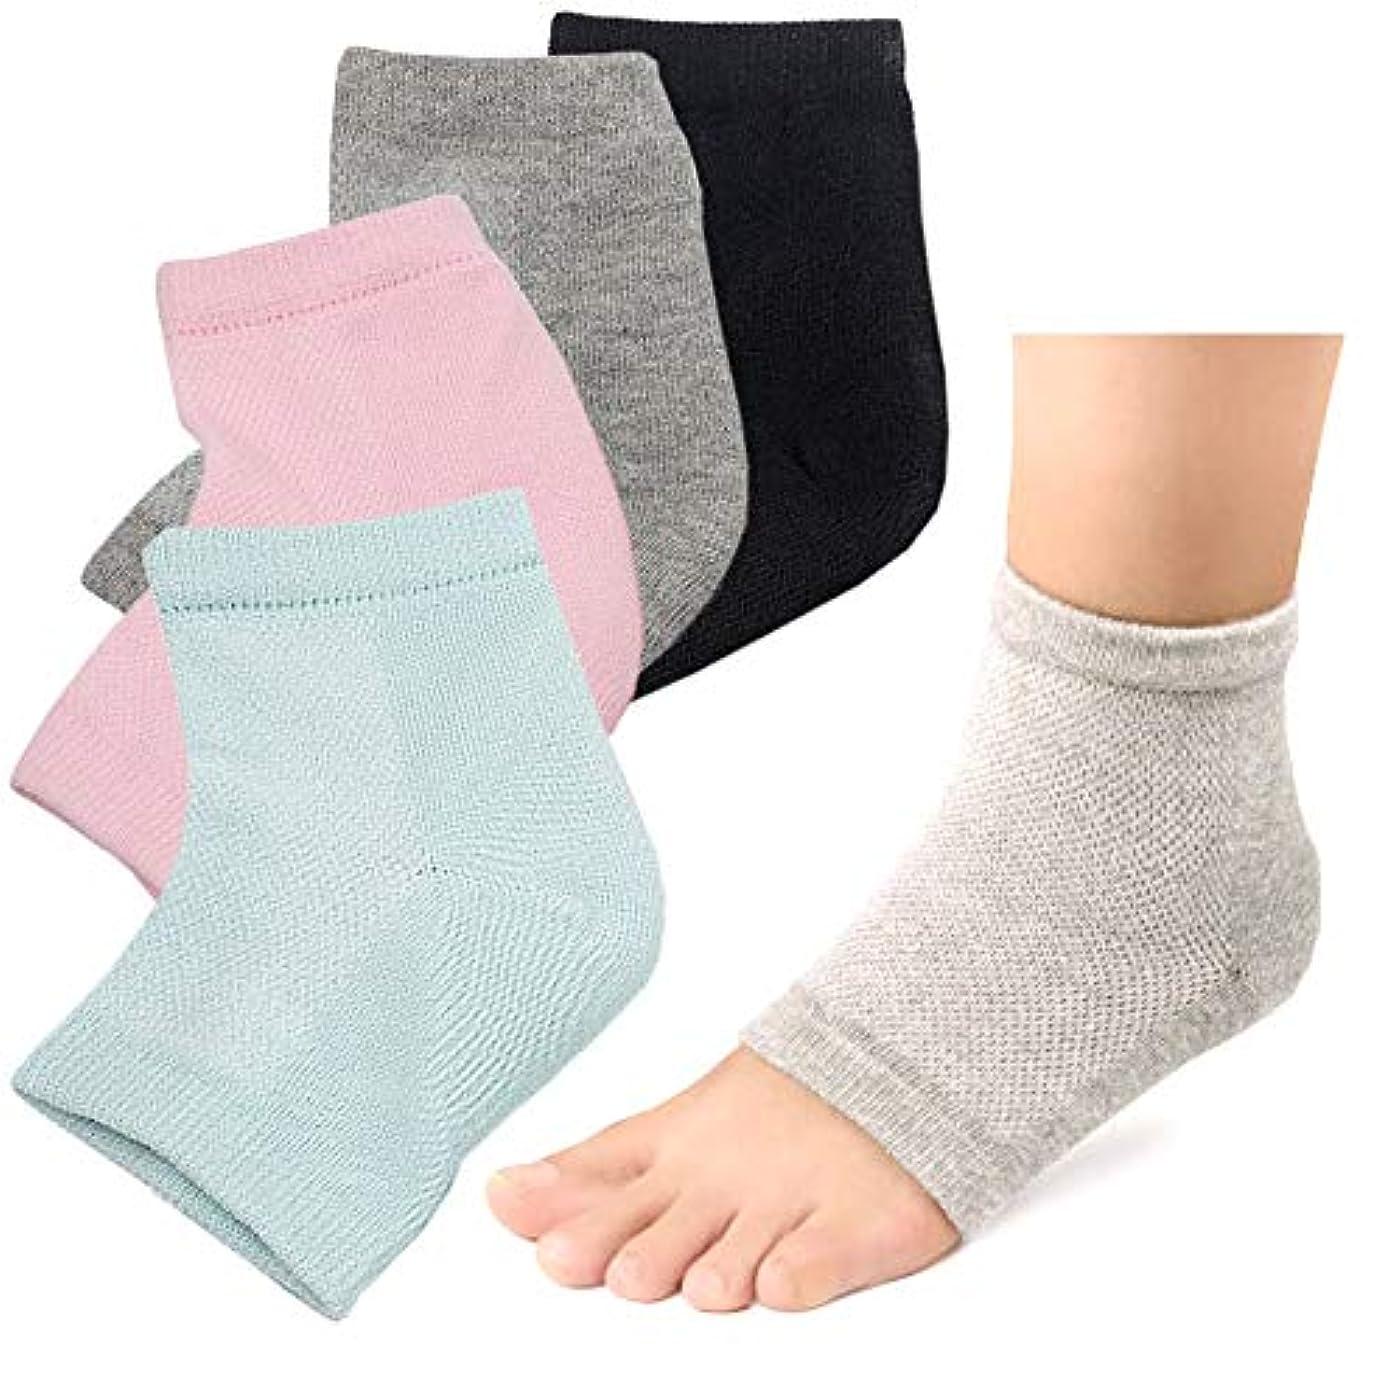 添加剤犠牲宿題をするかかと 靴下 ソックス つるつる 2足セット かかとケア かかとサポーター ひび割れ対策 角質ケア (ピンク/グリーン)